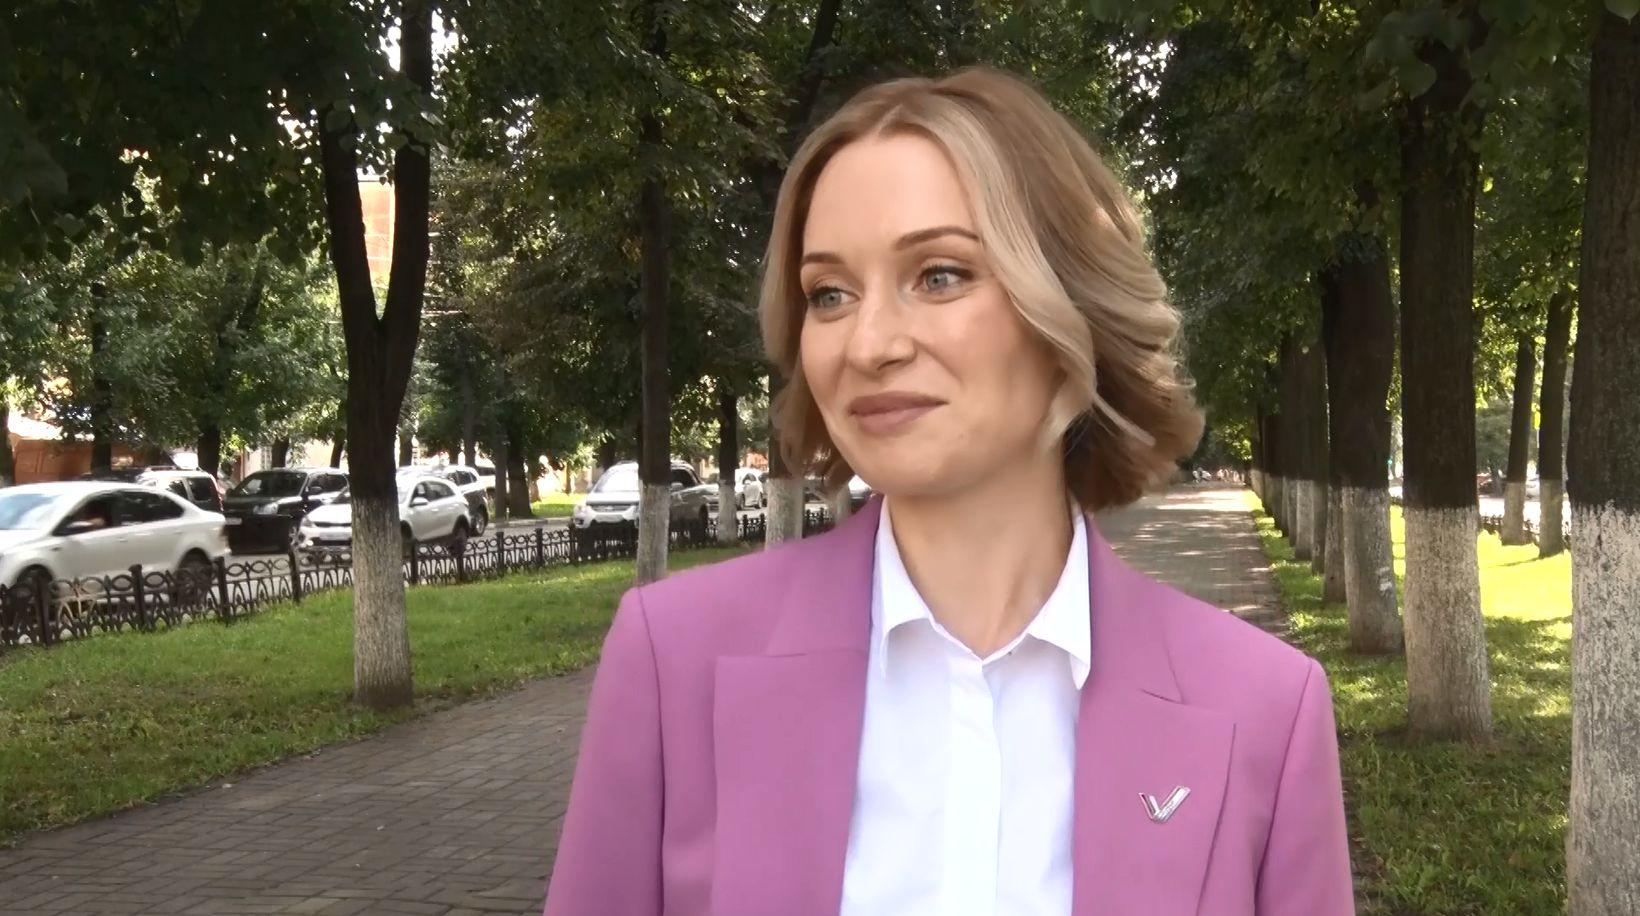 Необходимо подумать о мерах поддержки молодых учителей – заявила учитель из Ярославля Президенту России